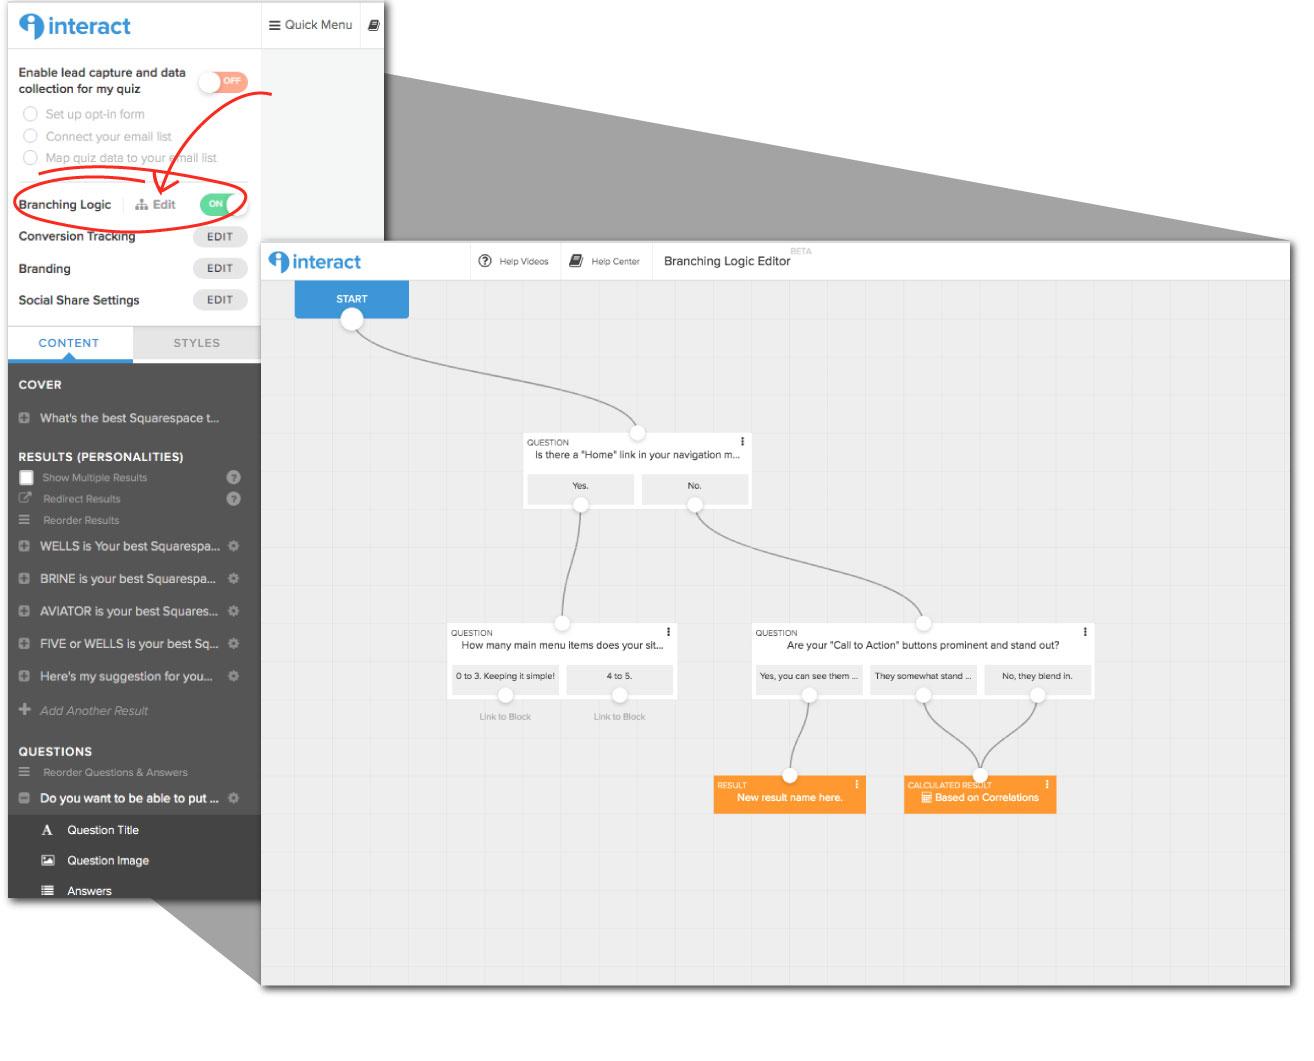 branch-logic.jpg